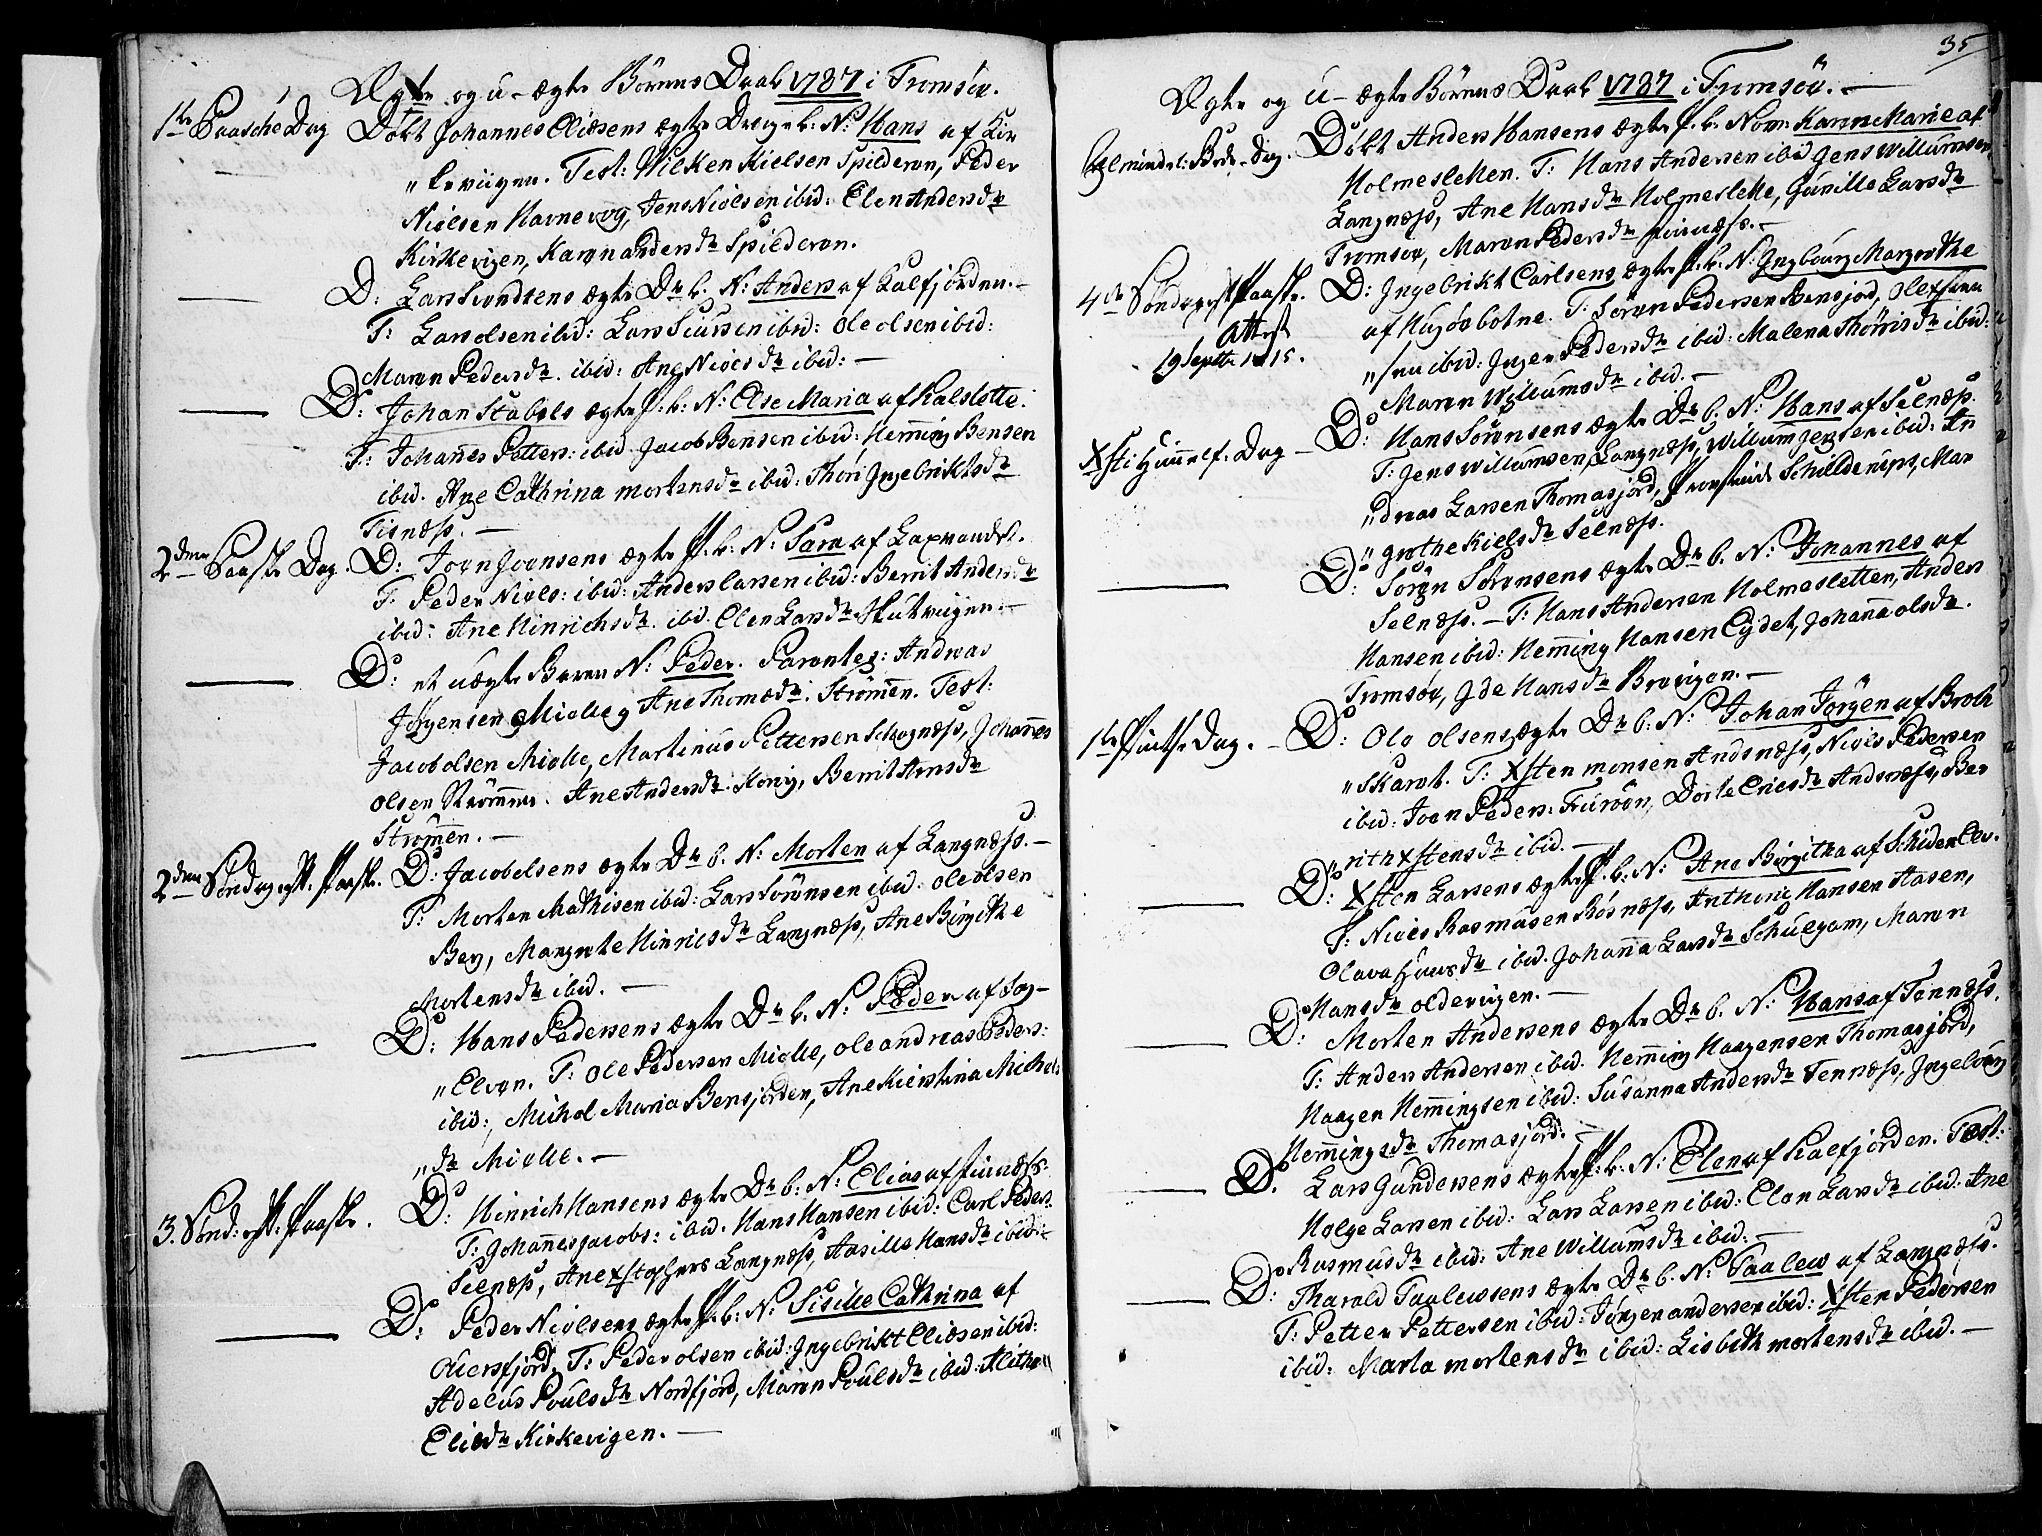 SATØ, Tromsø sokneprestkontor/stiftsprosti/domprosti, G/Ga/L0003kirke: Ministerialbok nr. 3, 1779-1796, s. 35